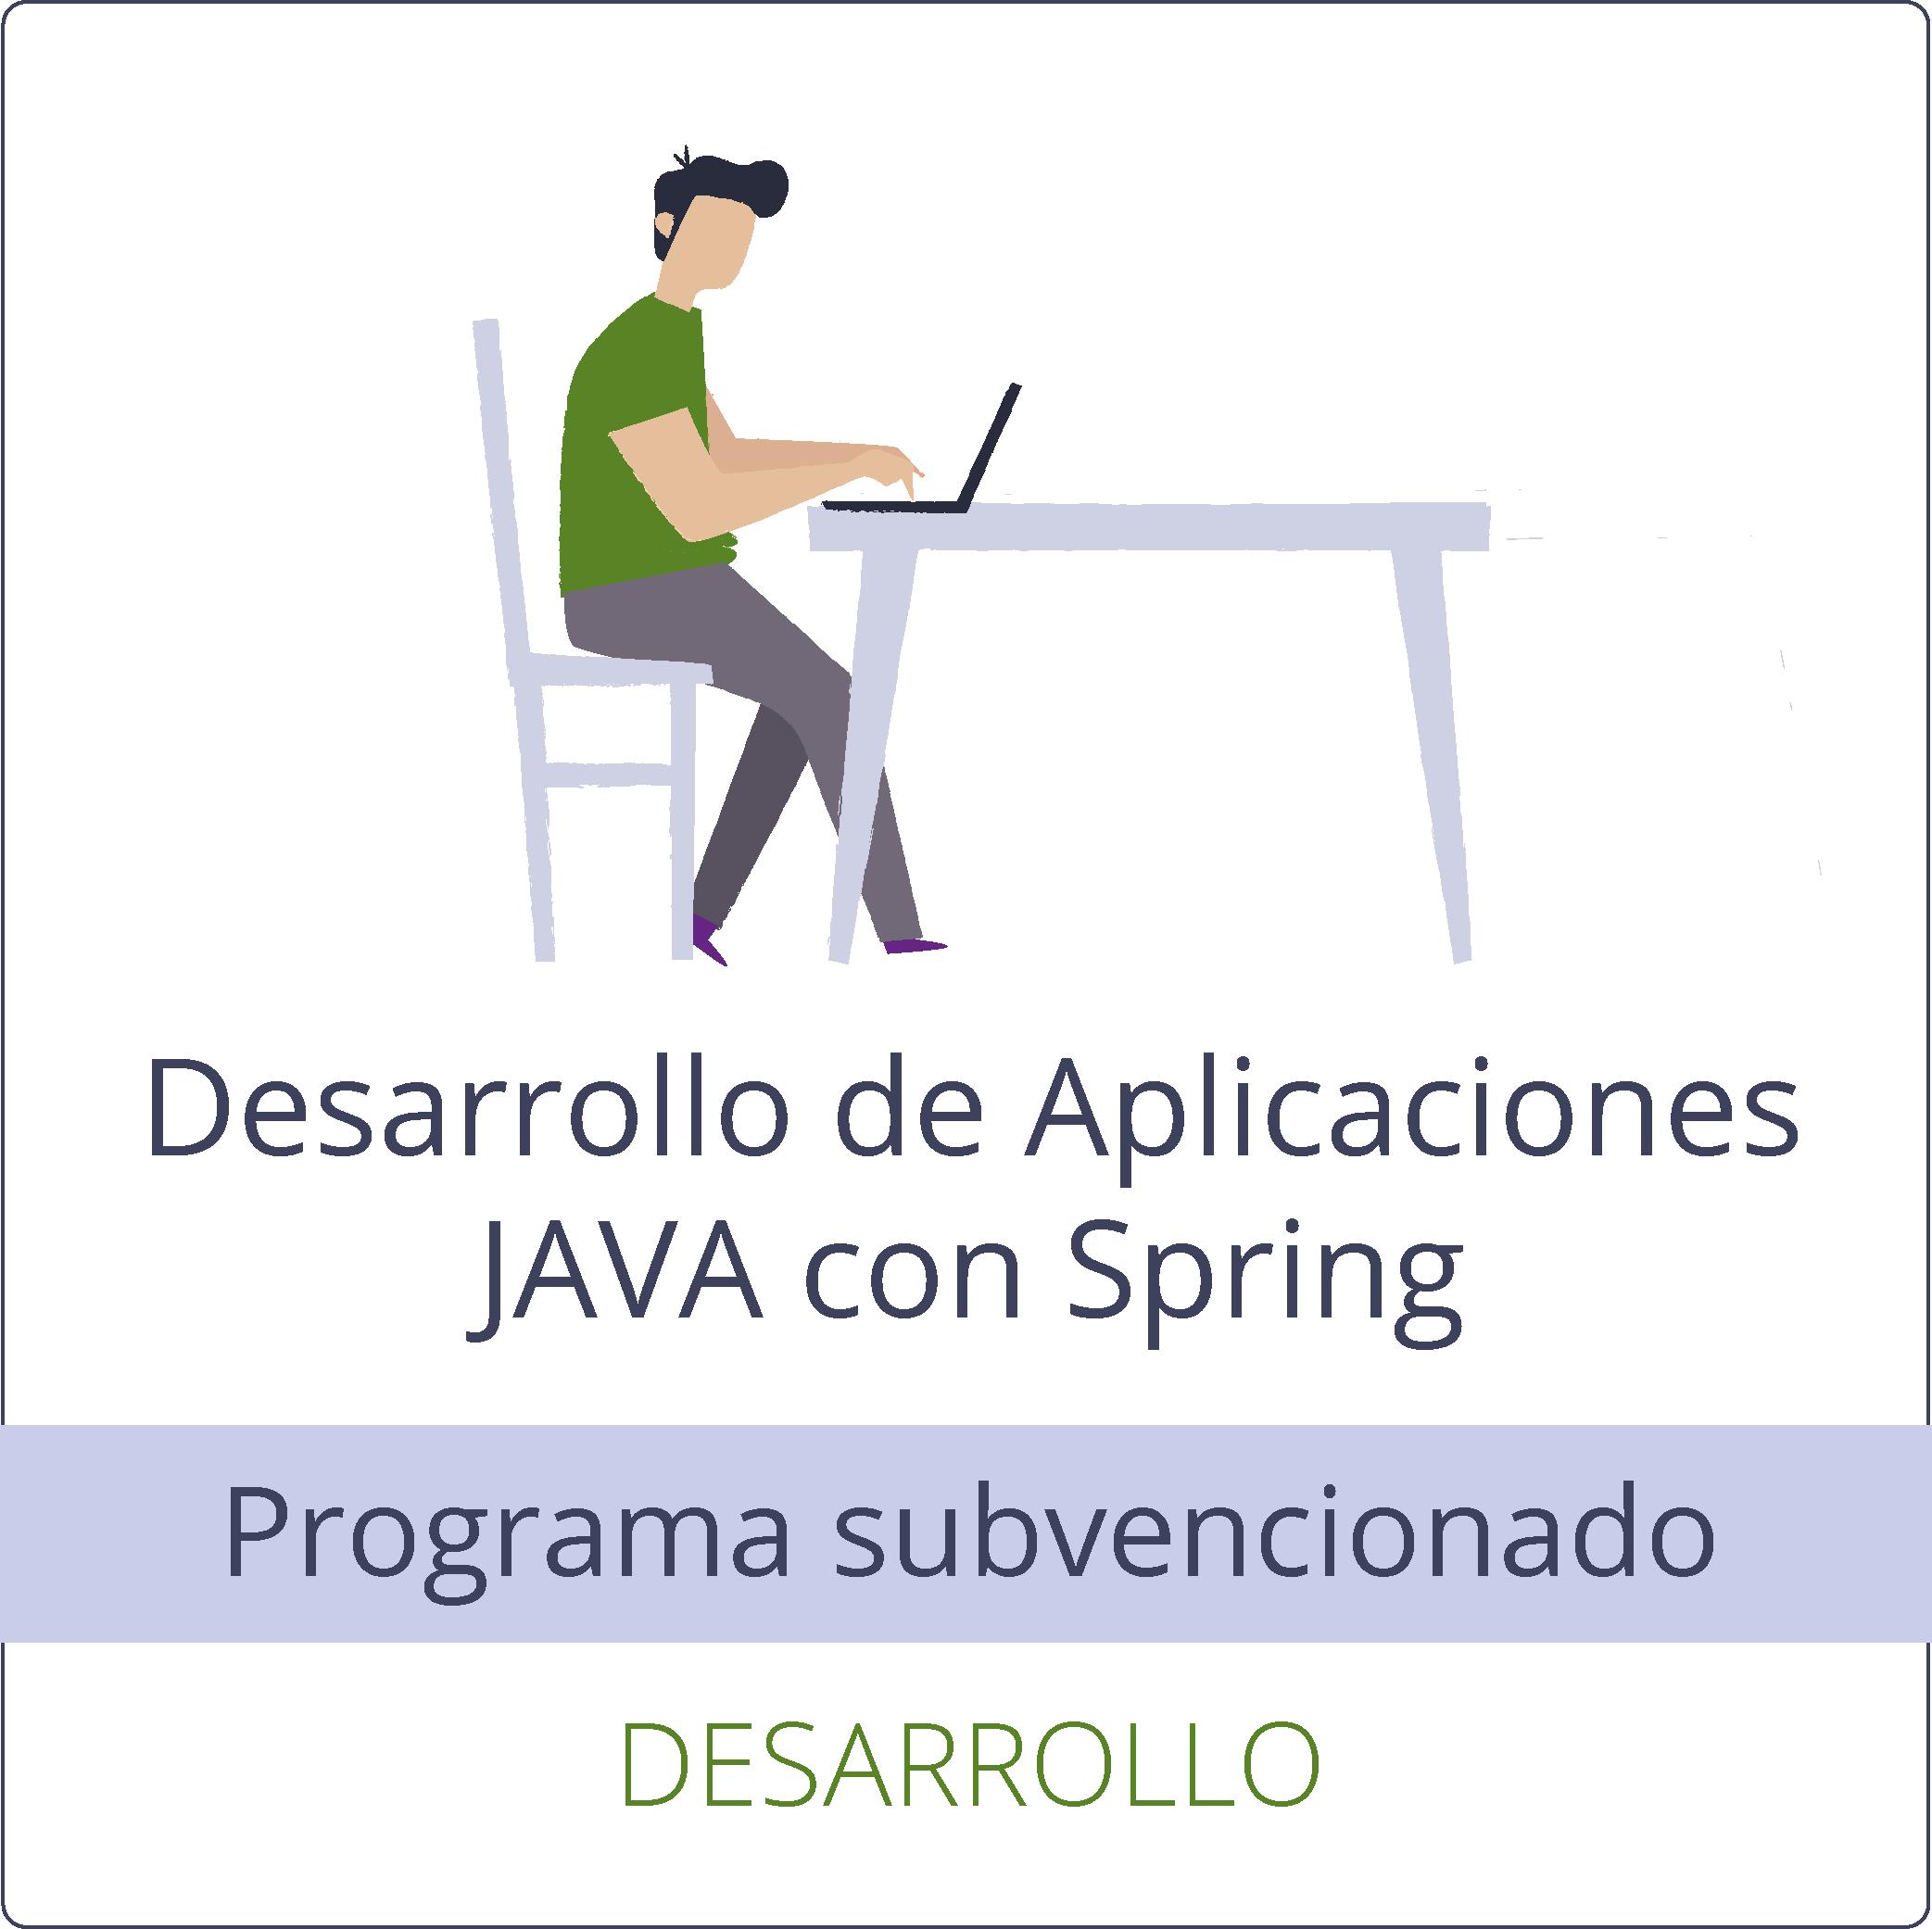 Desarrollo de aplicaciones JAVA con Spring (gratuito)